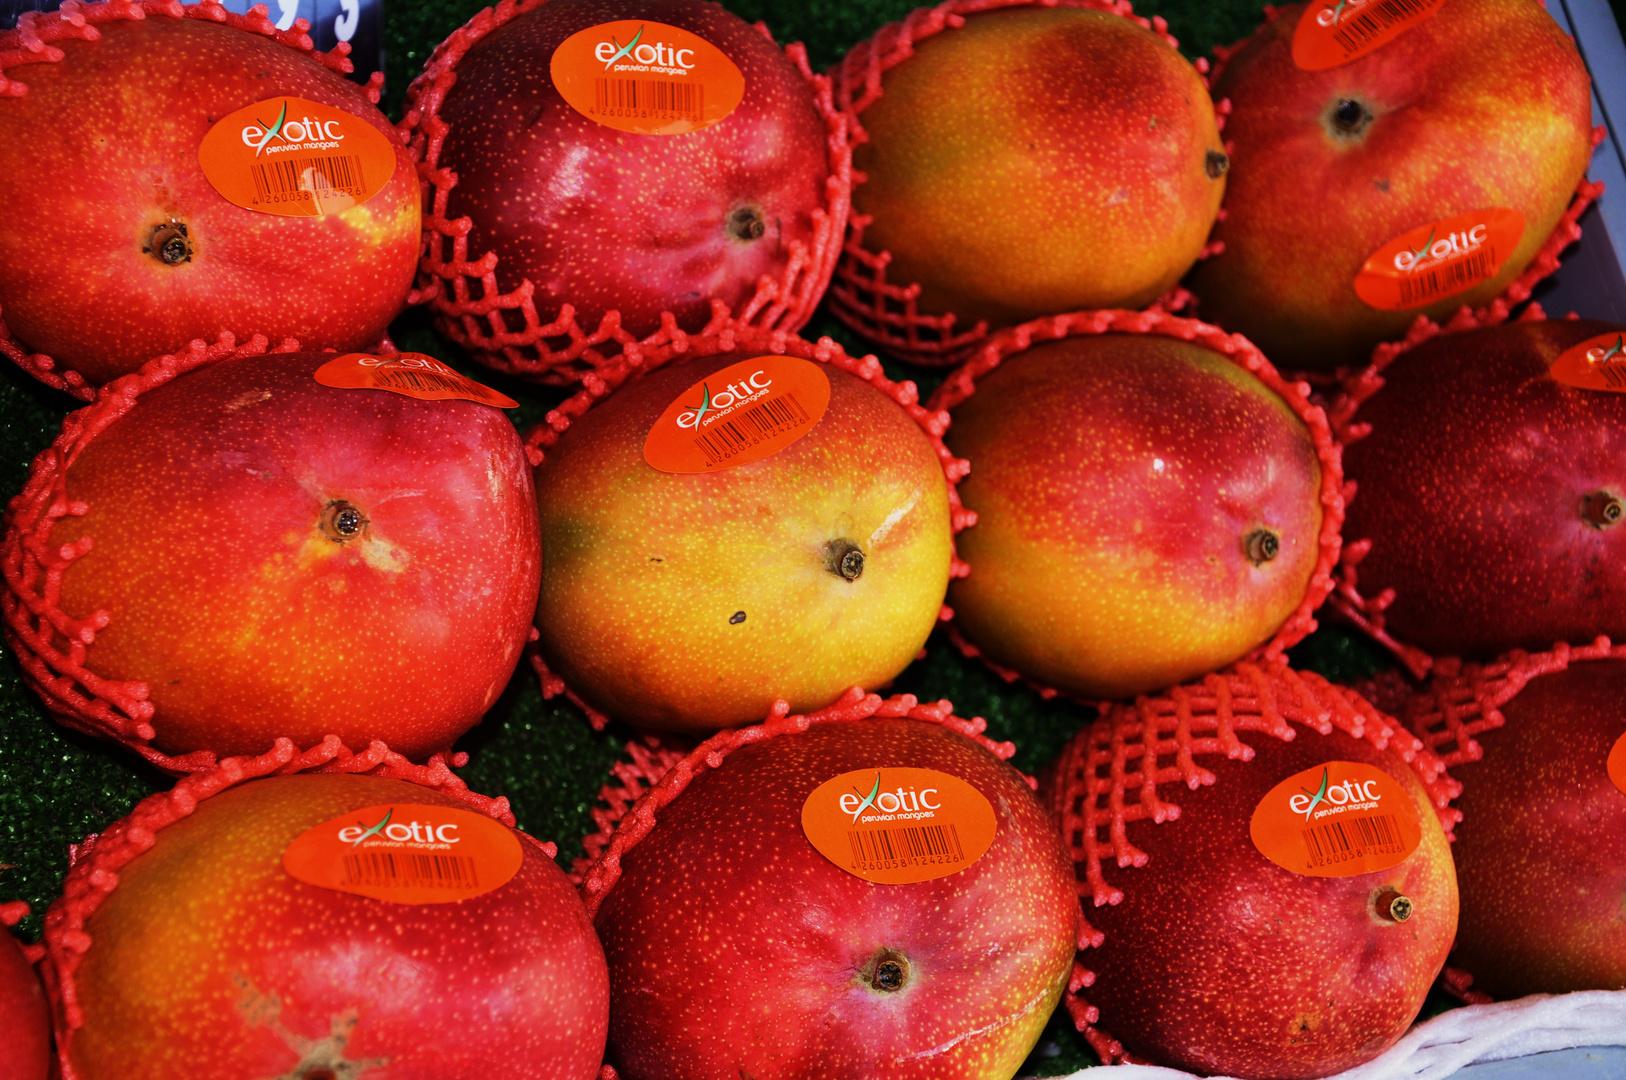 mit diesen schönen Früchten wünsche ich Euch ein glückliches Wochenende